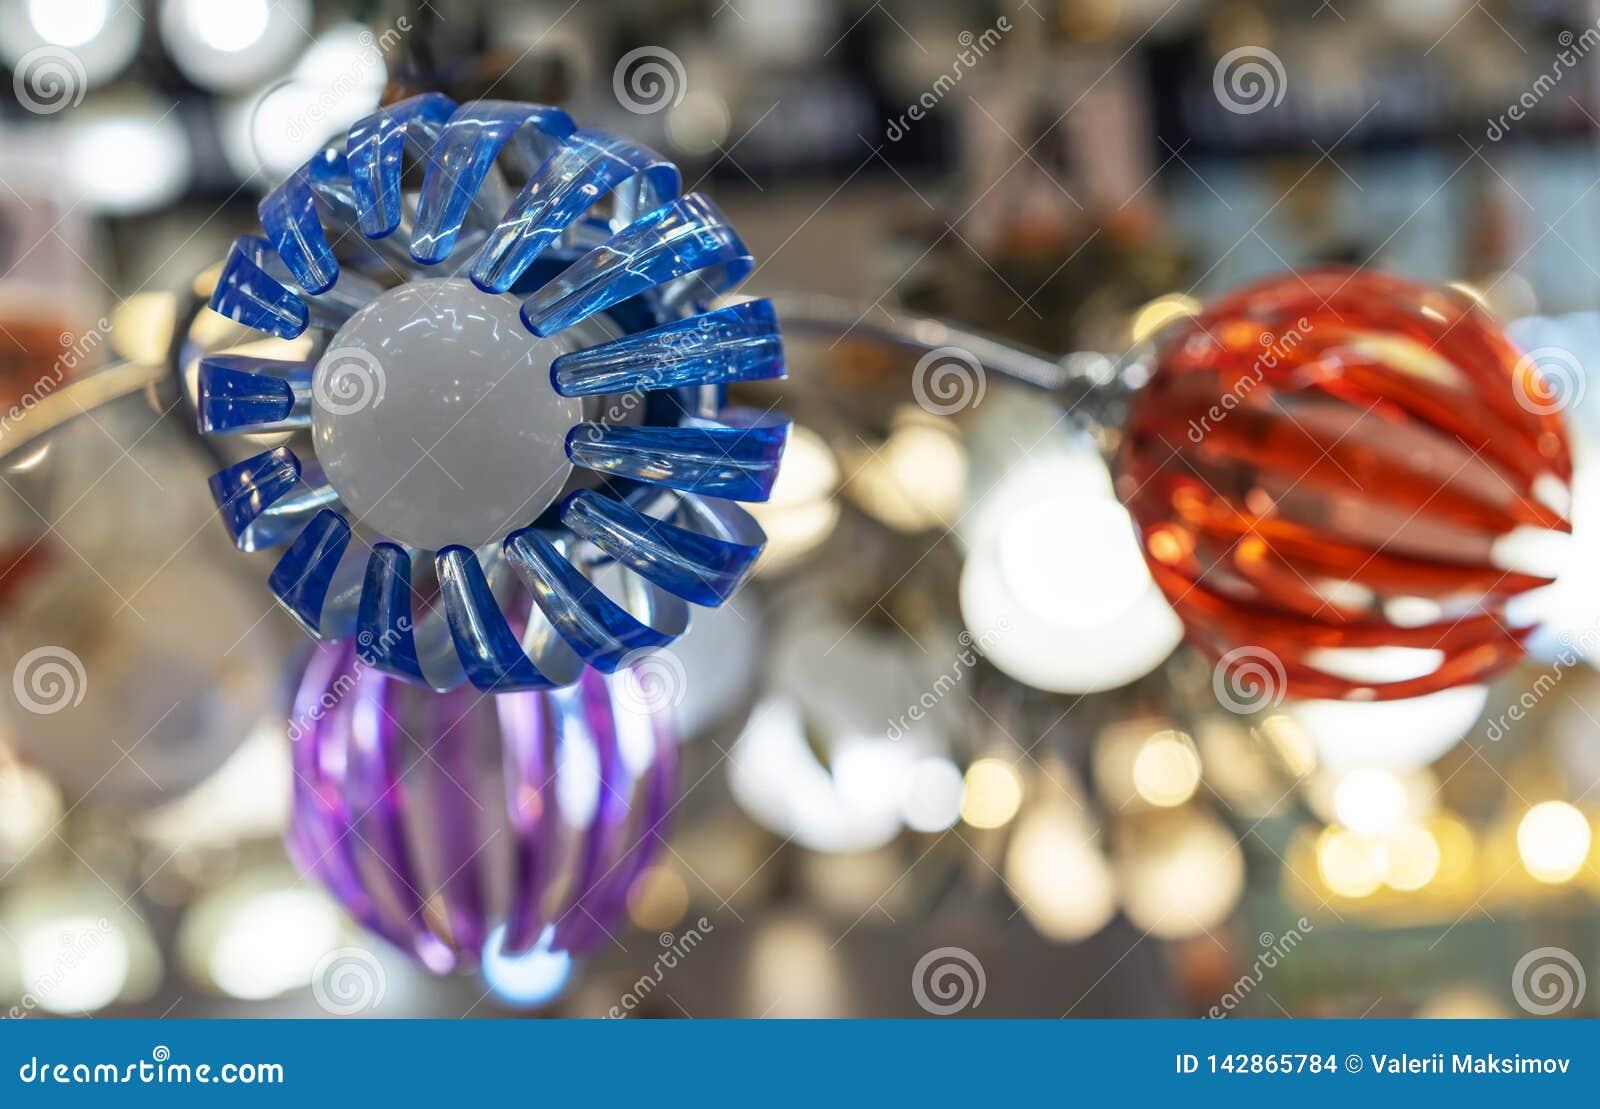 Plafond plástico bajo la forma de flor del descenso-abajo